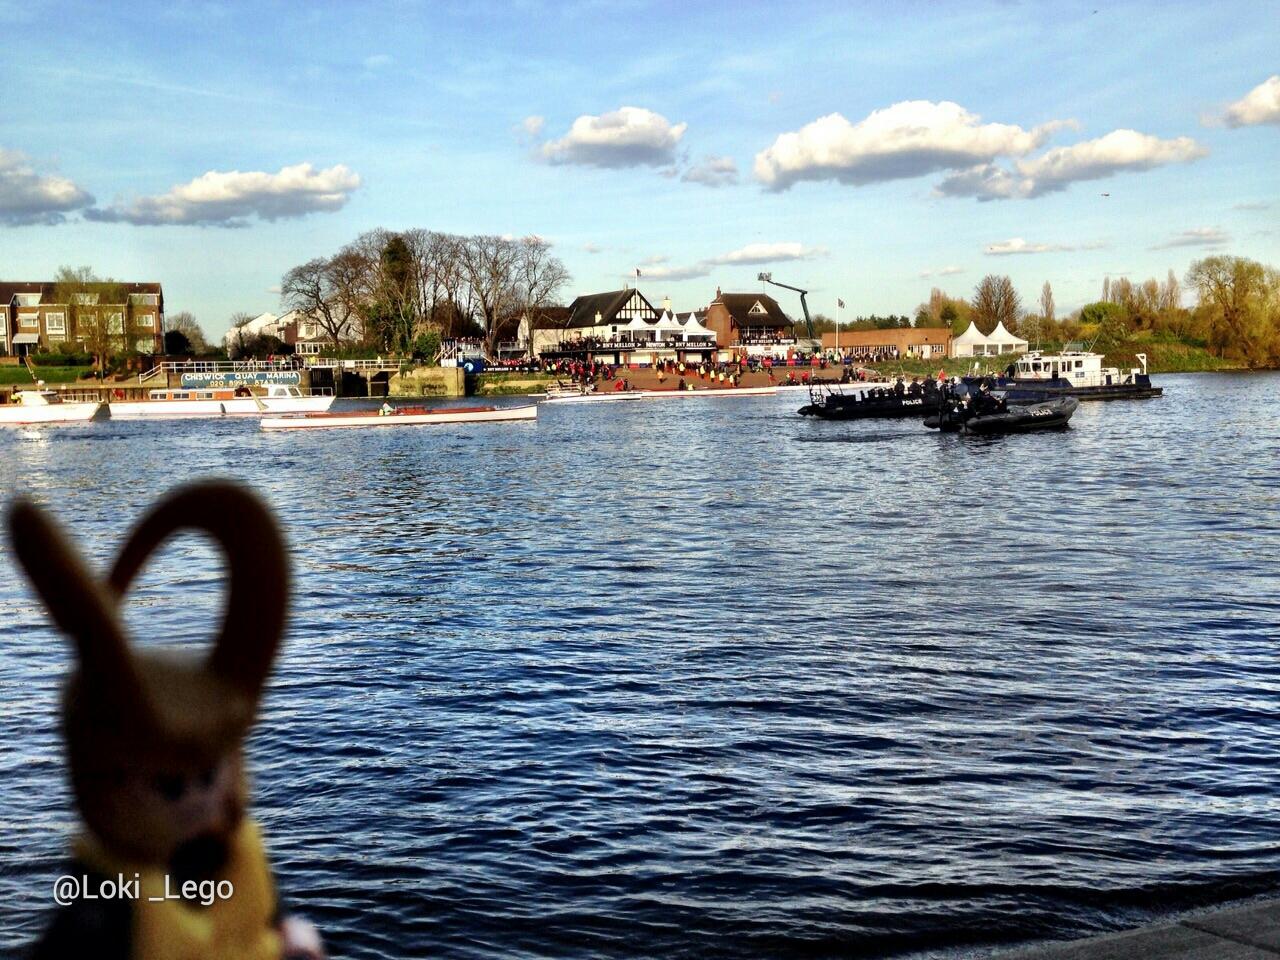 boat-race-3